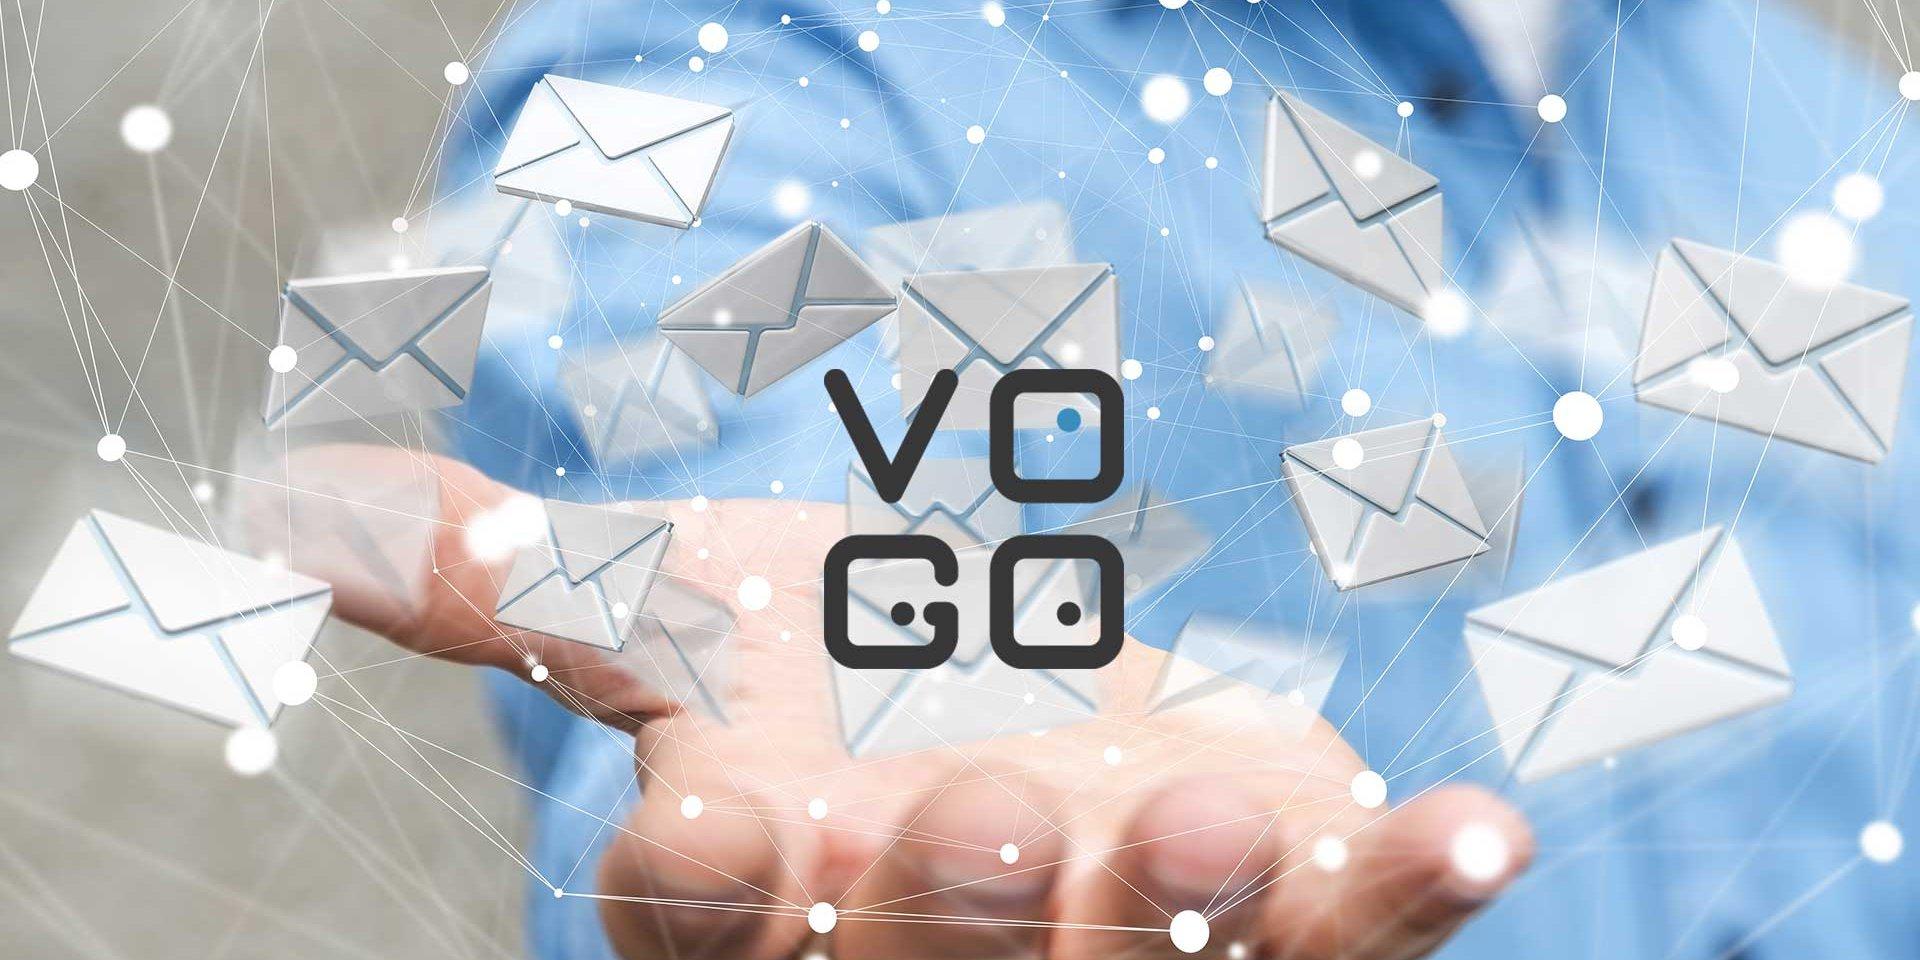 Le second semestre confirme l'accélération commerciale de VOGO